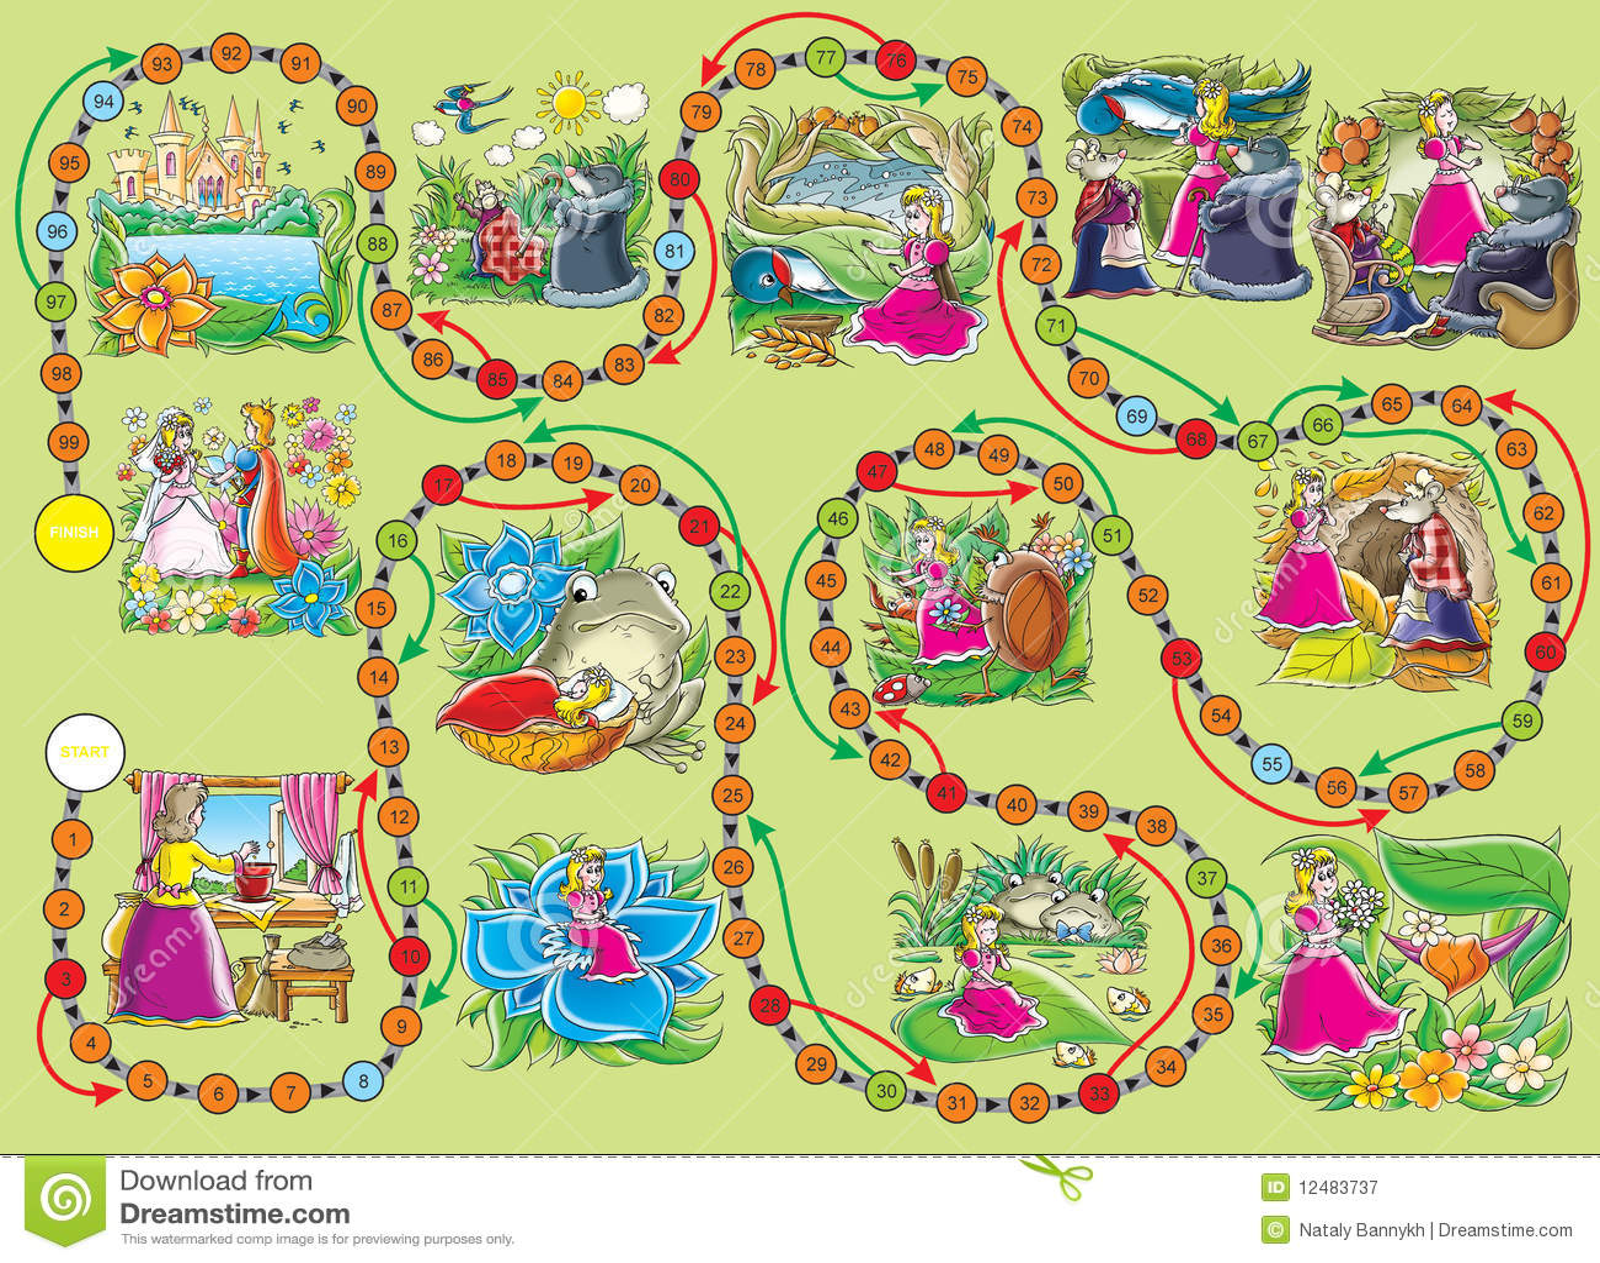 magic fairy игра